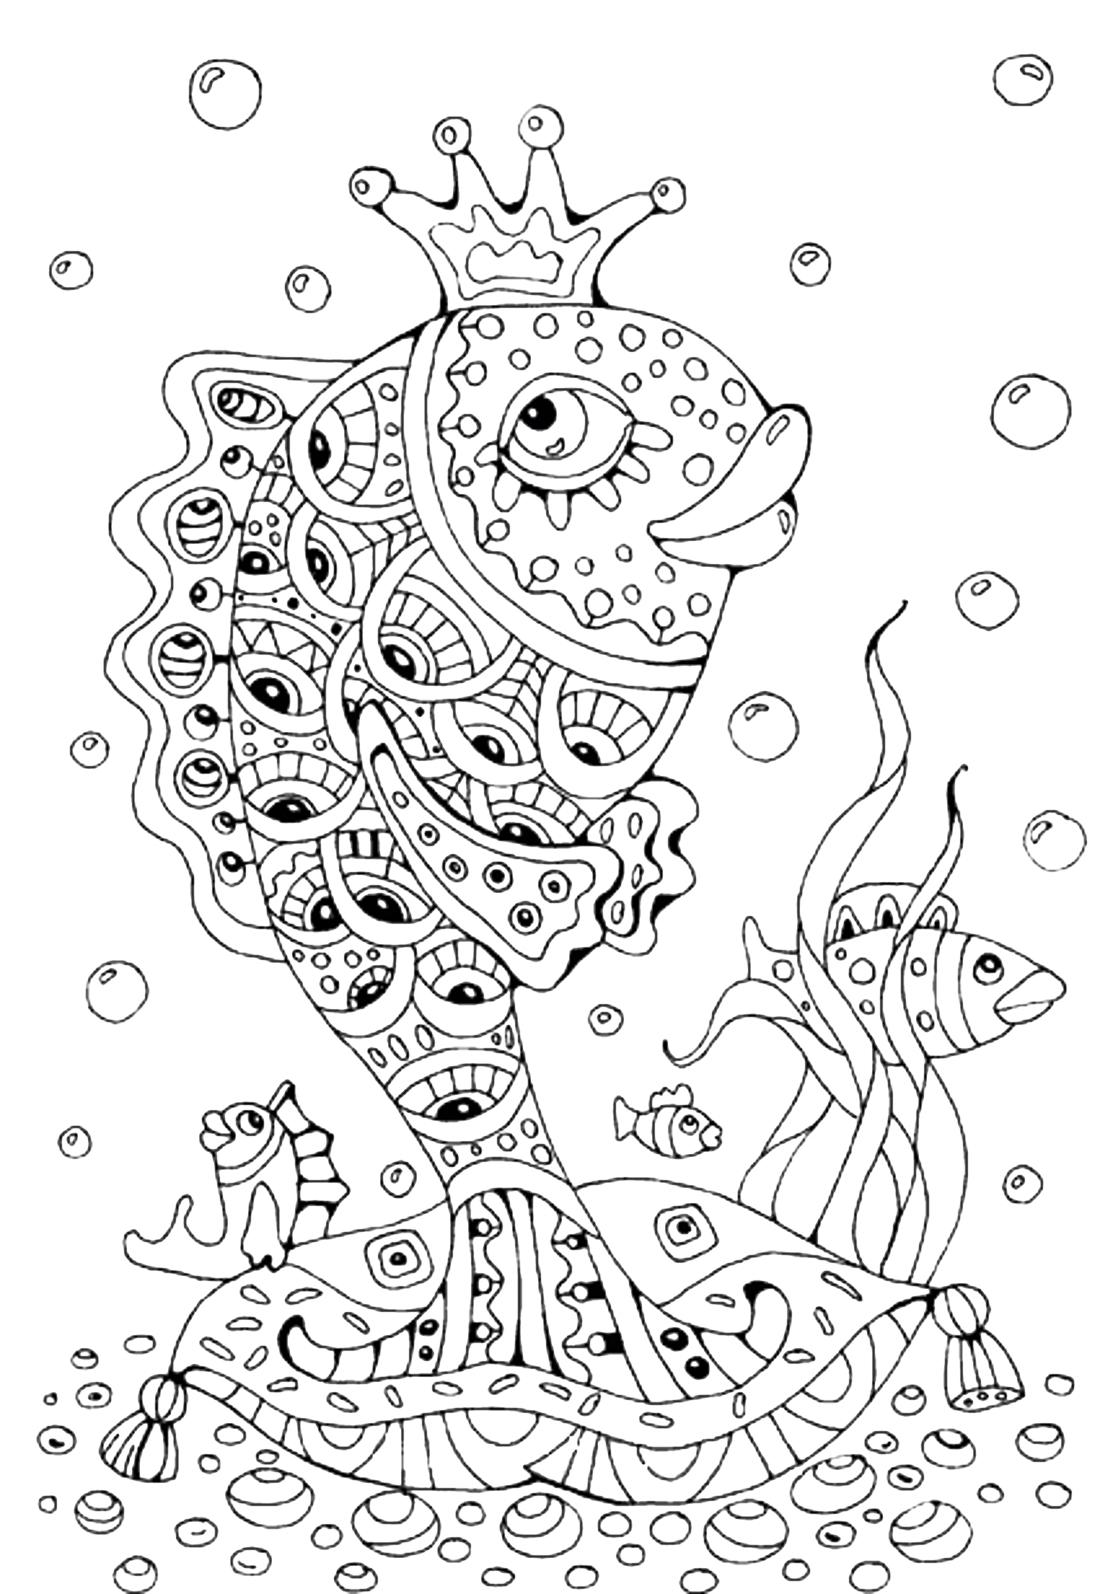 Распечатать раскраски сказка о рыбаке и рыбке